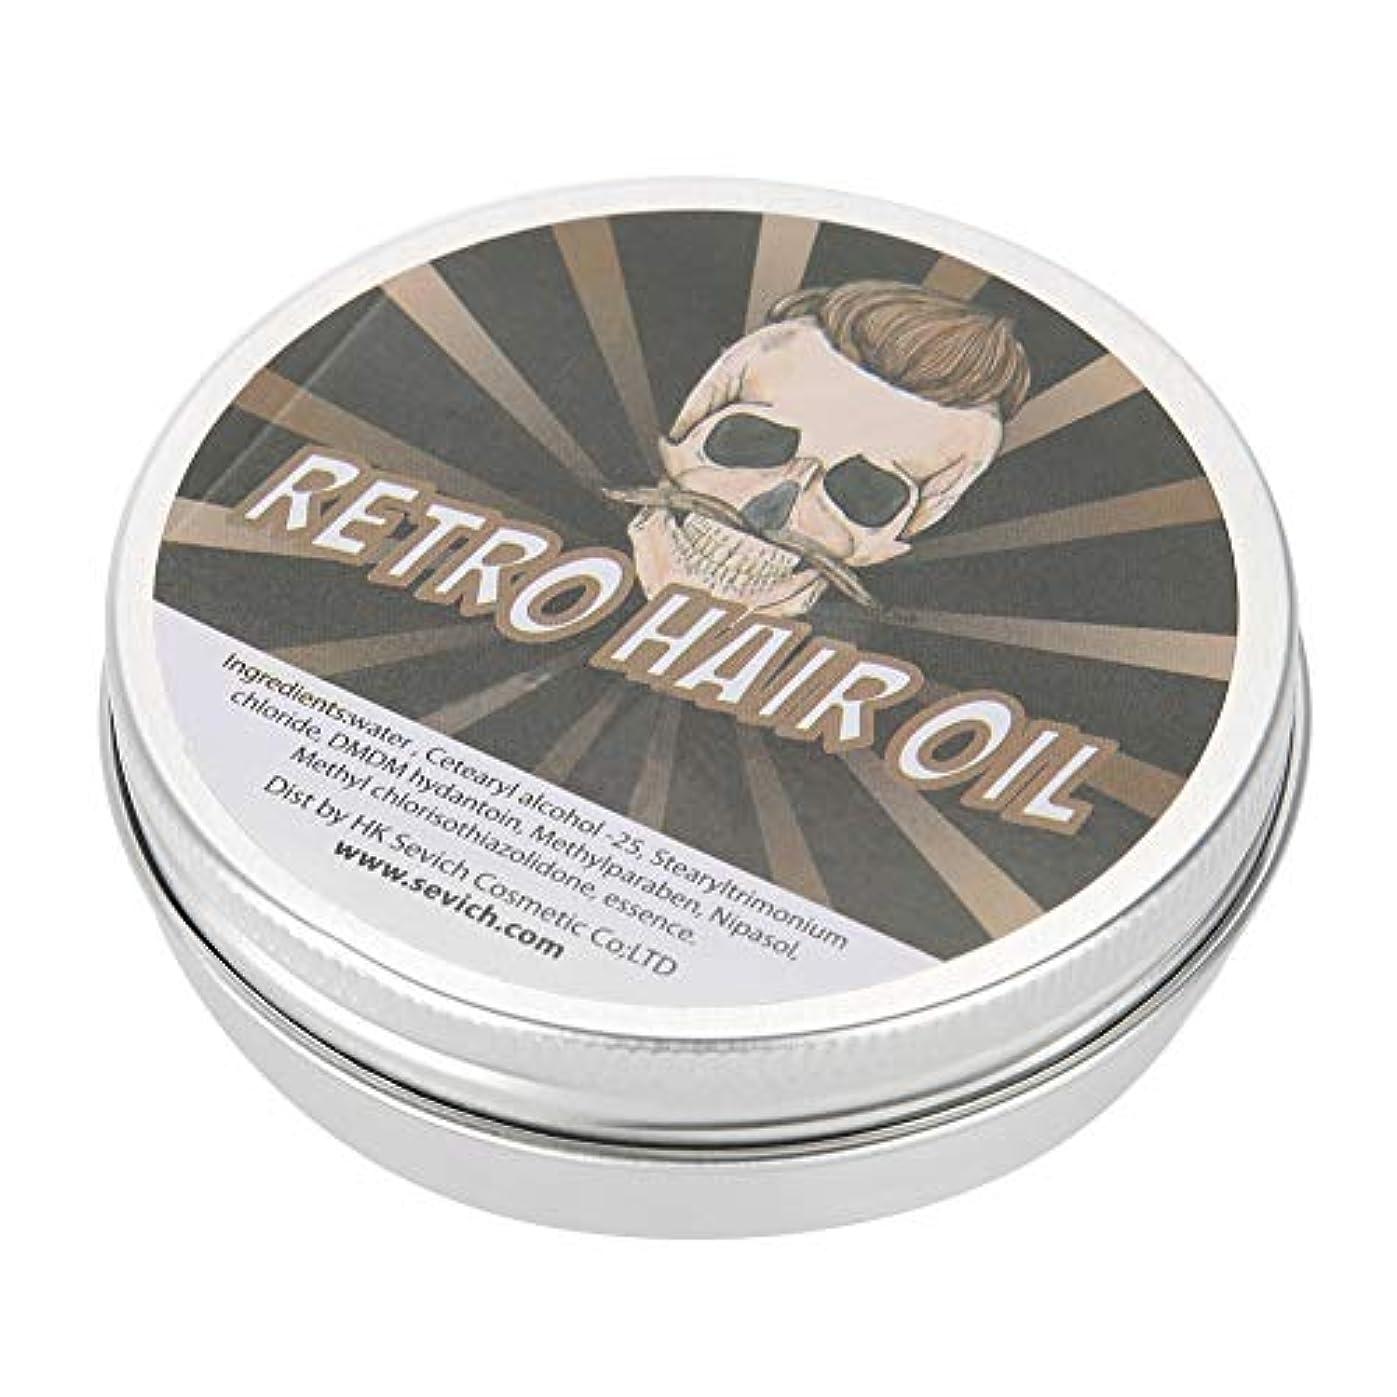 拒絶する迷路虐待ヘアワックス パーフェクトロング 永続的なヘアワックス 水ベースのヘアスタイリング ポマードヘアモデリングワックス